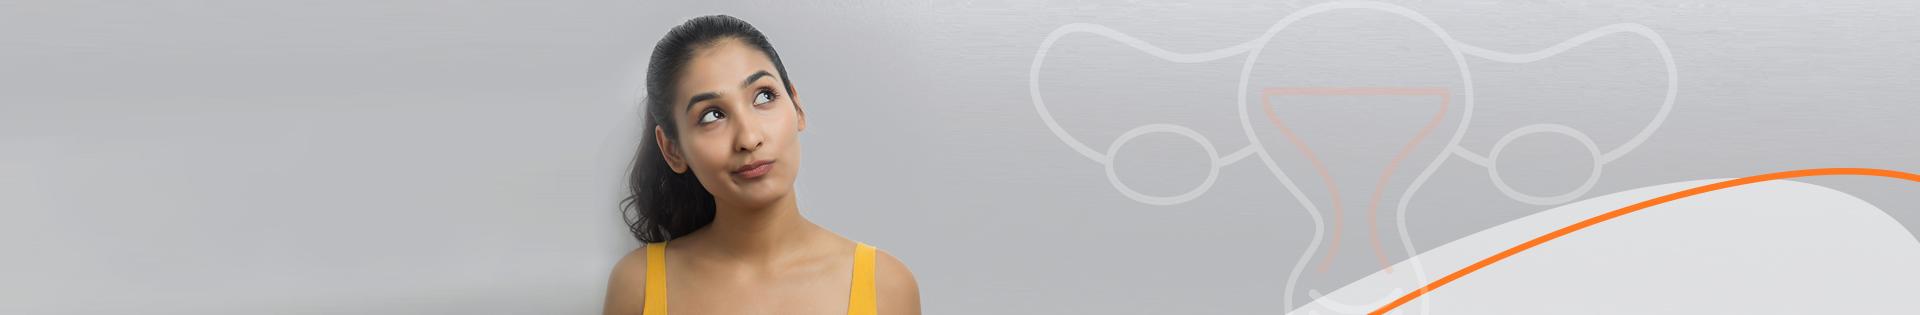 Endometrite: você conhece a doença?